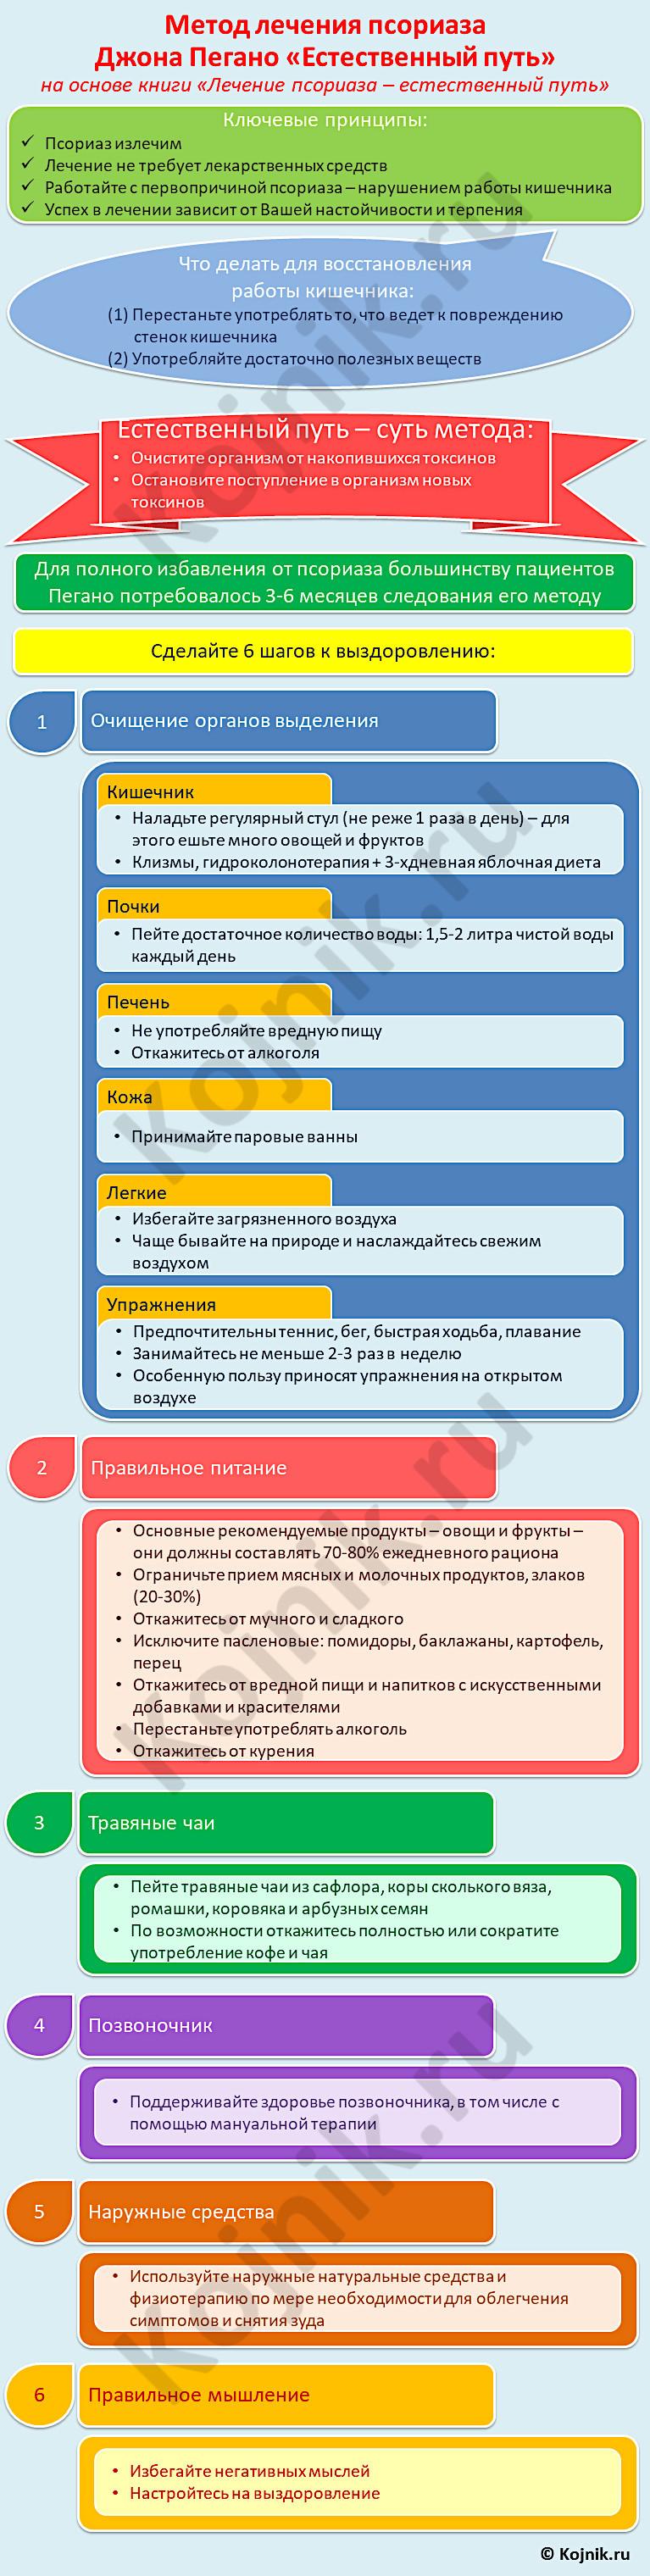 Схема шагов лечения псориаза по методу Джона Пегано «Естественный путь»